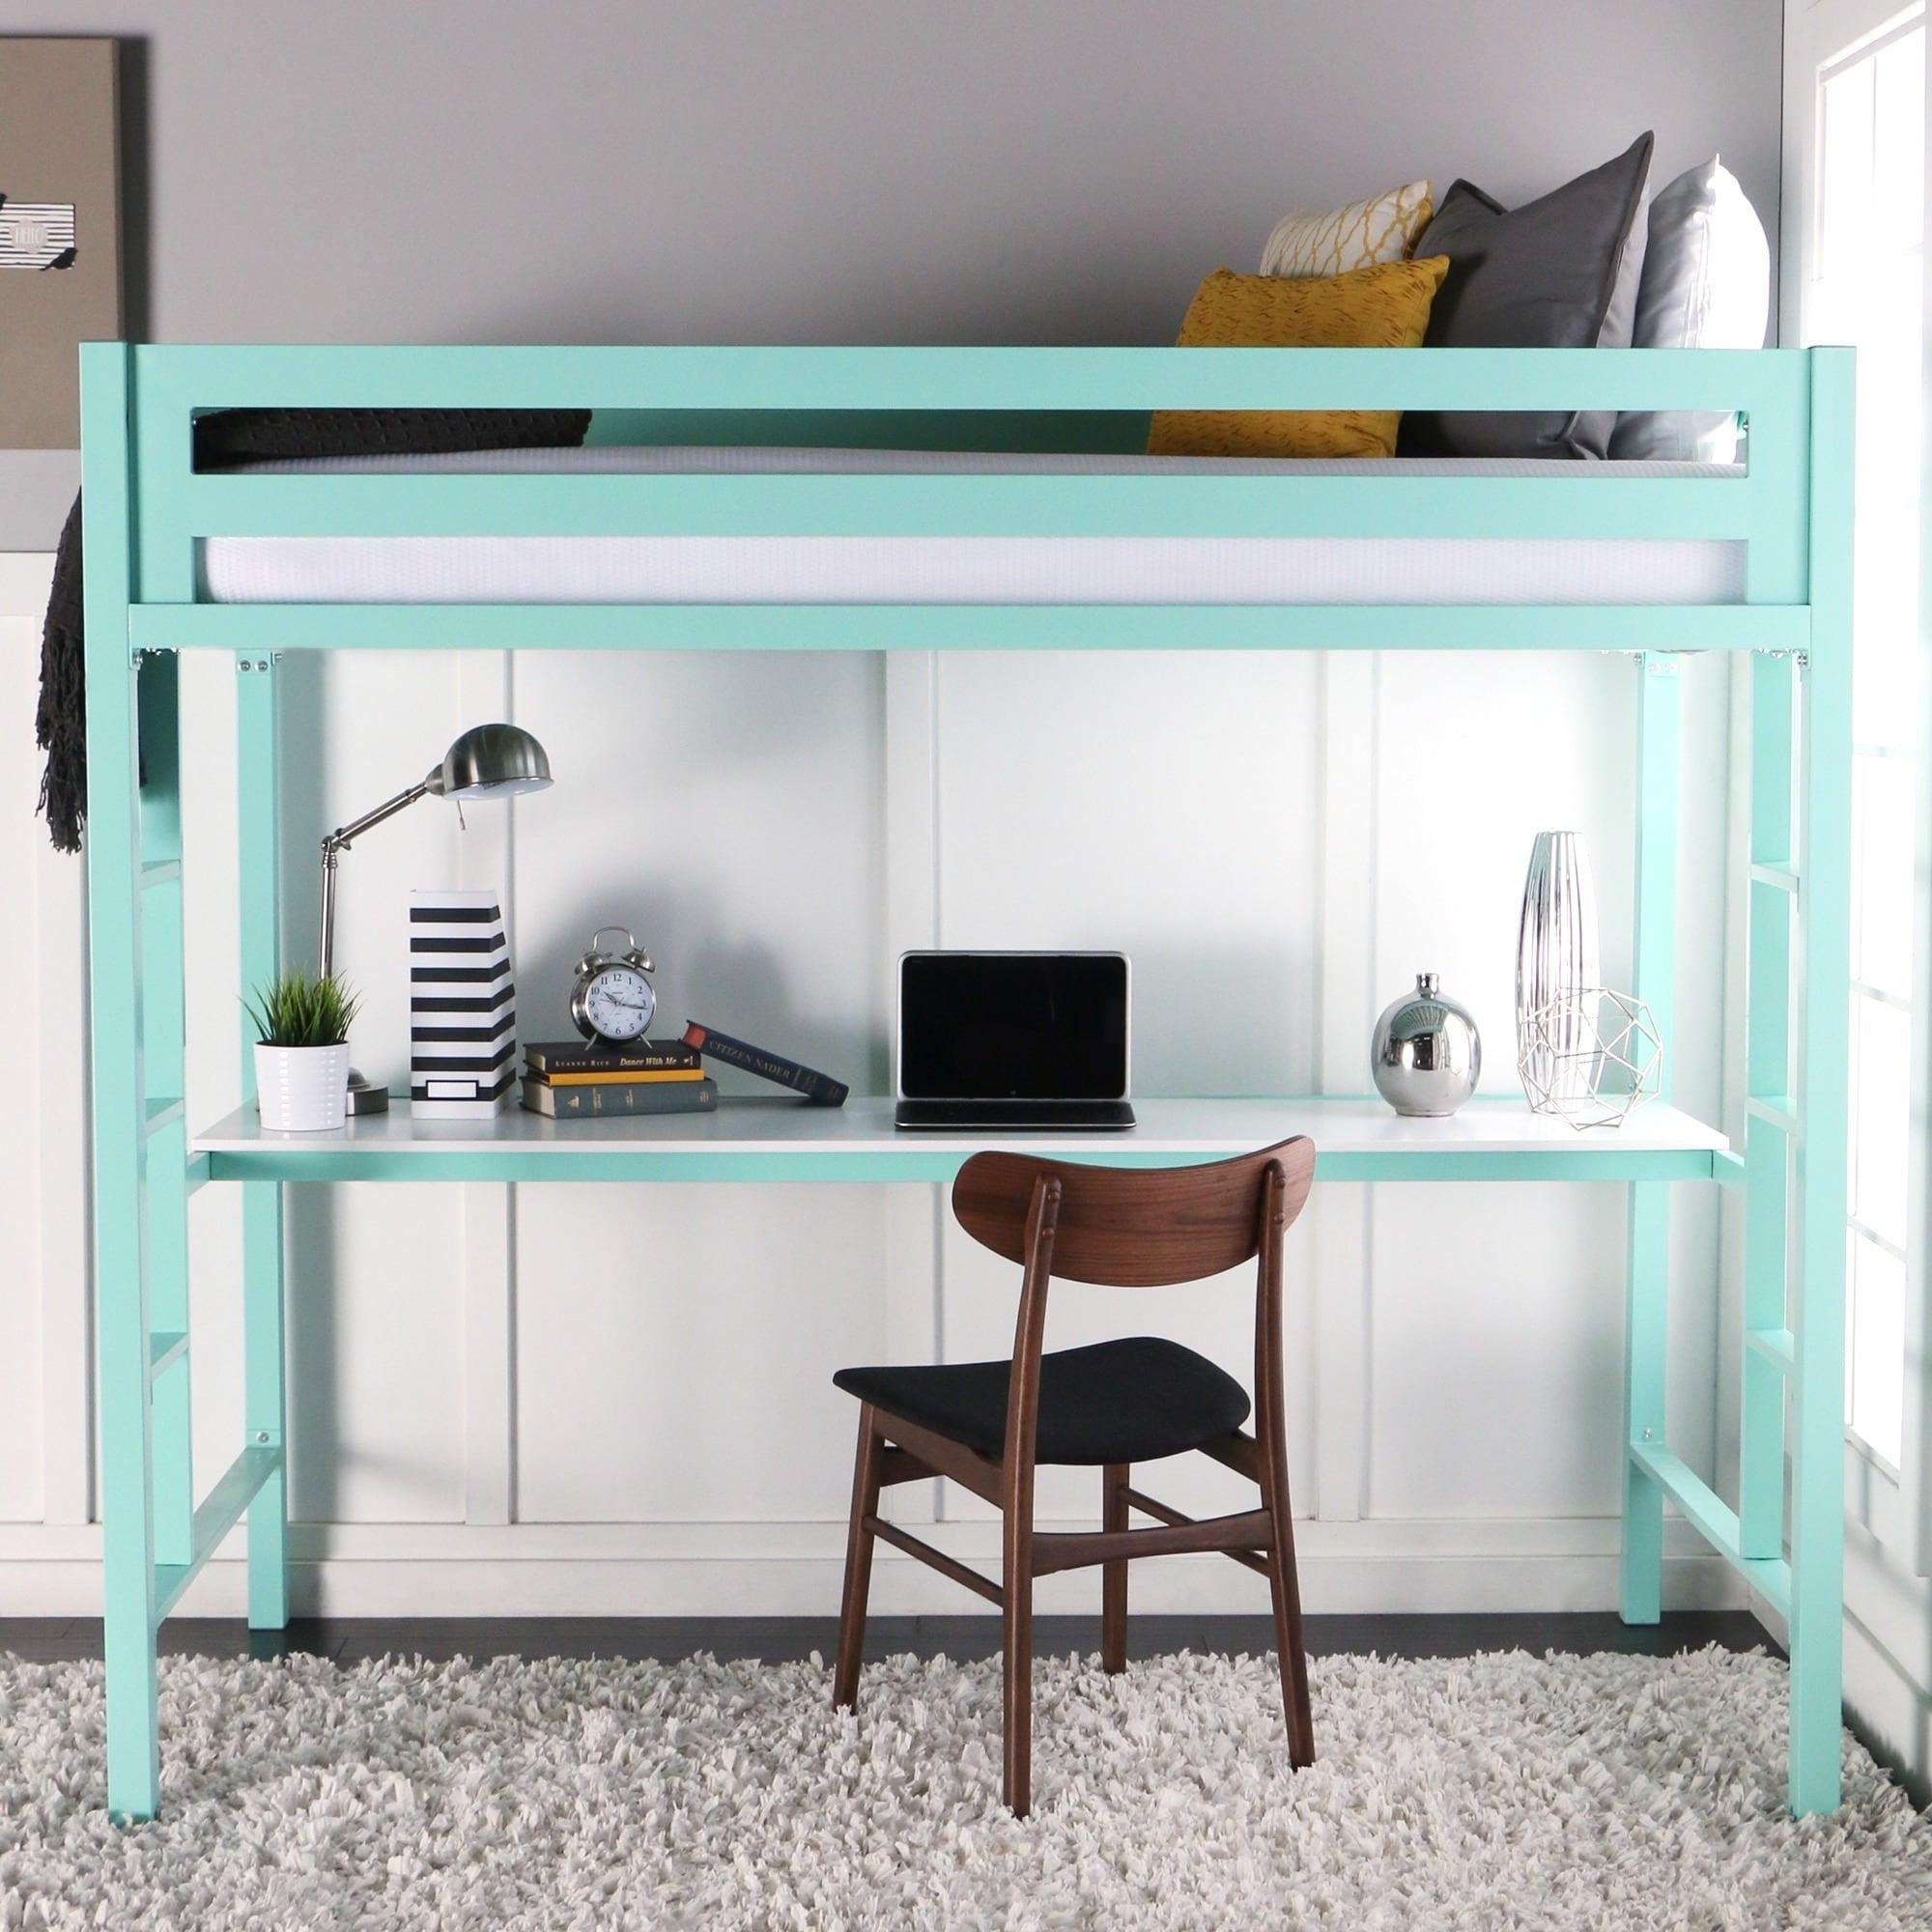 Twin Metal Loft Bed with Desk - Mint (Twin Metal Loft Bed...